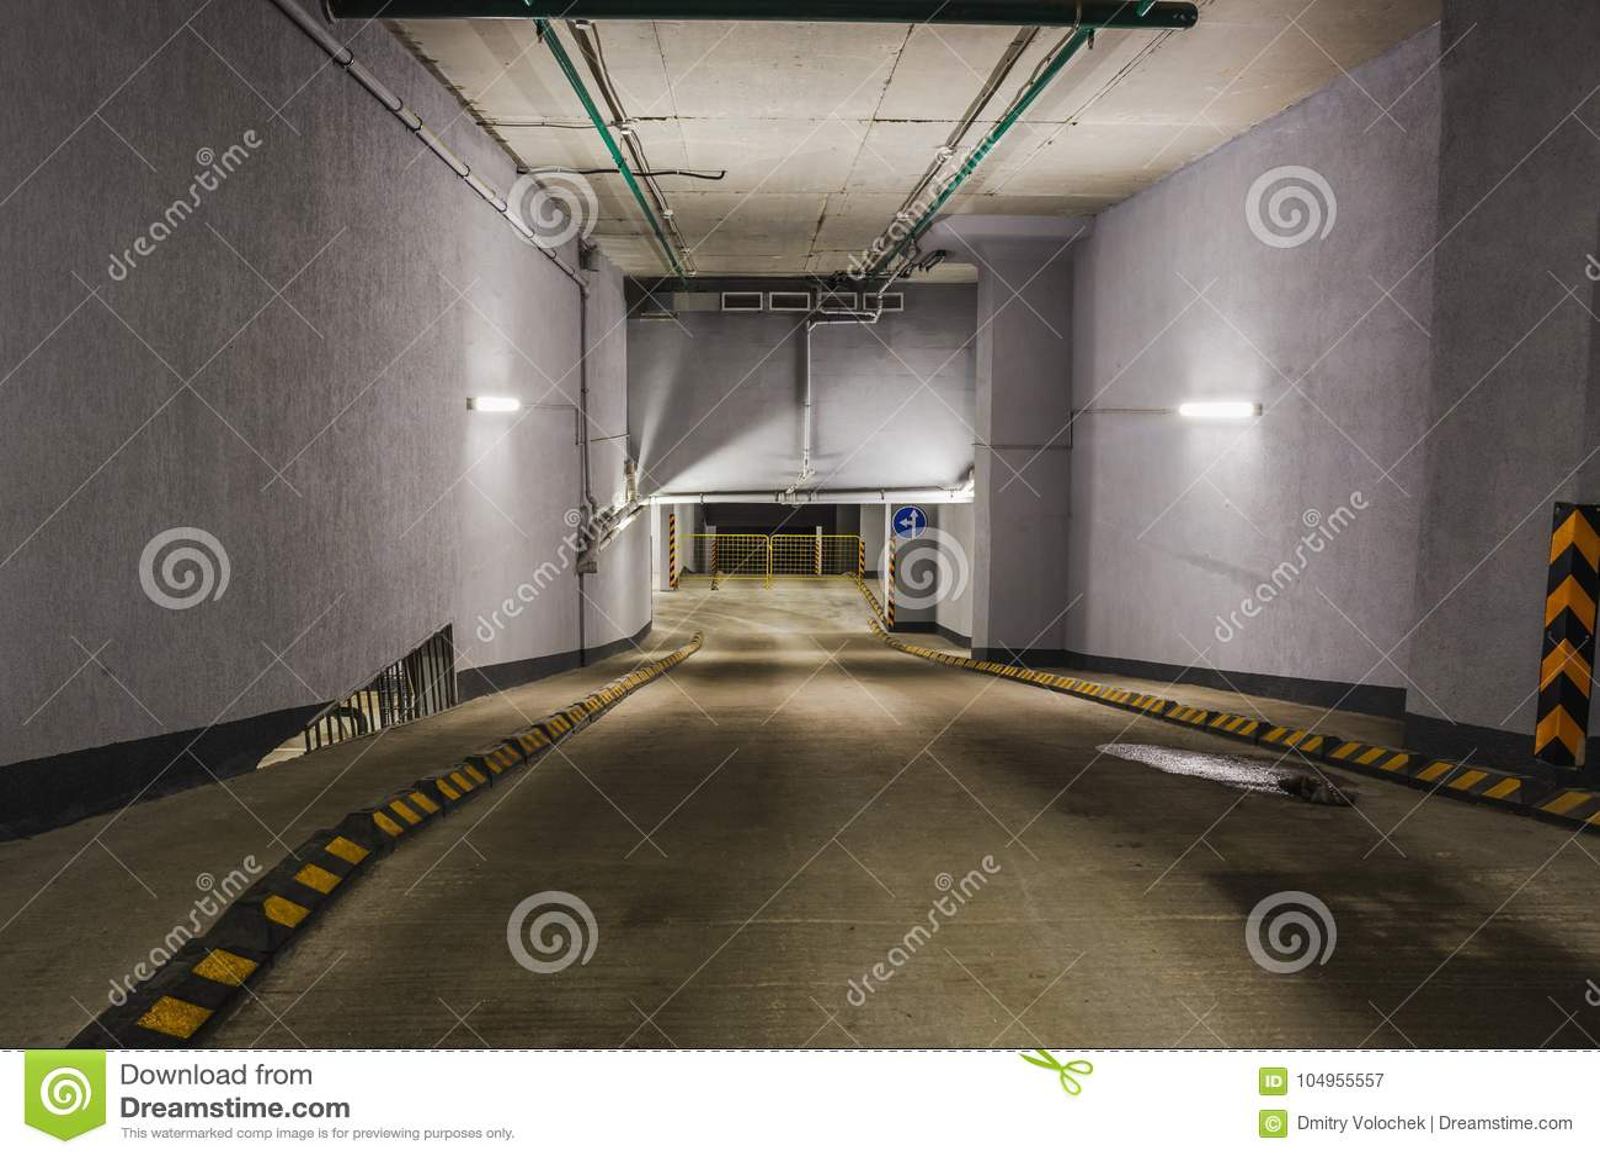 Concrete Underground Garage : Underground garage or modern car parking stock image